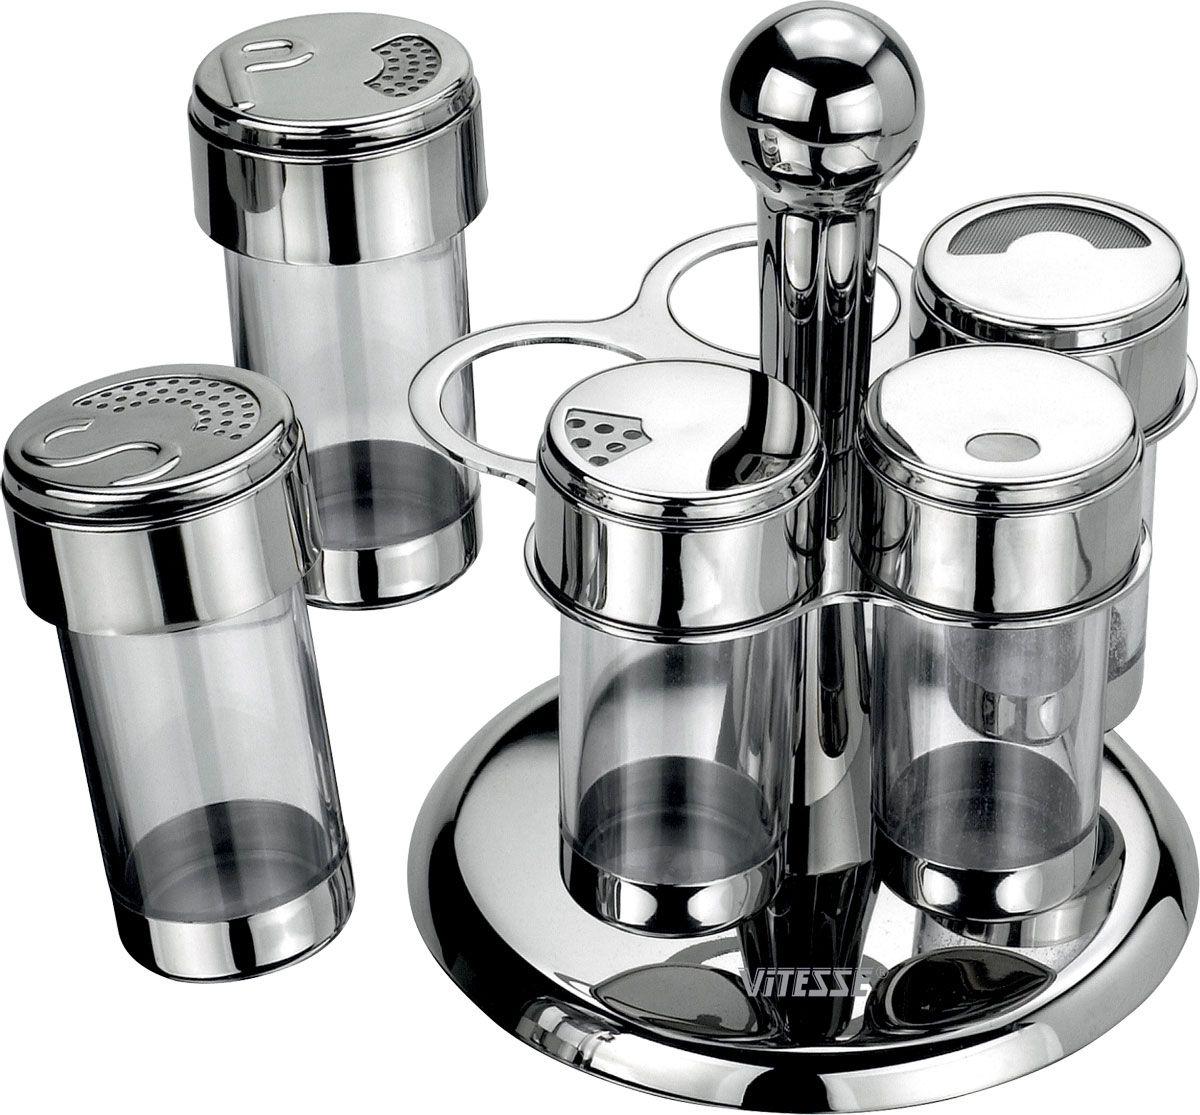 Набор для специй Vitesse Margo, 6 предметовVT-1520(SR)Набор для специй Margo состоит емкости для какао порошка, универсальной емкости для специй, перечницы, солонки, подставки для зубочисток и вращающейся металлической подставки. Емкости выполнены из нержавеющей стали и прозрачного пластика. Крышки емкостей снабжены резьбой, которая обеспечивает плотное прилегание крышки, и позволяет долгое время сохранить специи свежими.Данный набор - оригинальное решение для современной кухни. Характеристики:Диаметр емкости:4 см.Высота емкости:10,2 см.Материал:нержавеющая сталь, пластик.Артикул:VS-1080.Кухонная посуда марки Vitesseиз нержавеющей стали 18/10 предоставит Вам все необходимое для получения удовольствия от приготовления пищи и принесет радость от его результатов. Посуда Vitesse обладает выдающимися функциональными свойствами. Легкие в уходе кастрюли и сковородки имеют плотно закрывающиеся крышки, которые дают возможность готовить с малым количеством воды и экономией энергии, и идеально подходят для всех видов плит: газовых, электрических, стеклокерамических и индукционных. Конструкция дна посуды гарантирует быстрое поглощение тепла, его равномерное распределение и сохранение. Великолепно отполированная поверхность, а также многочисленные конструктивные новшества, заложенные во все изделия Vitesse, позволит Вам открыть новые горизонты приготовления уже знакомых блюд. Для производства посуды Vitesseиспользуются только высококачественные материалы, которые соответствуют международным стандартам.